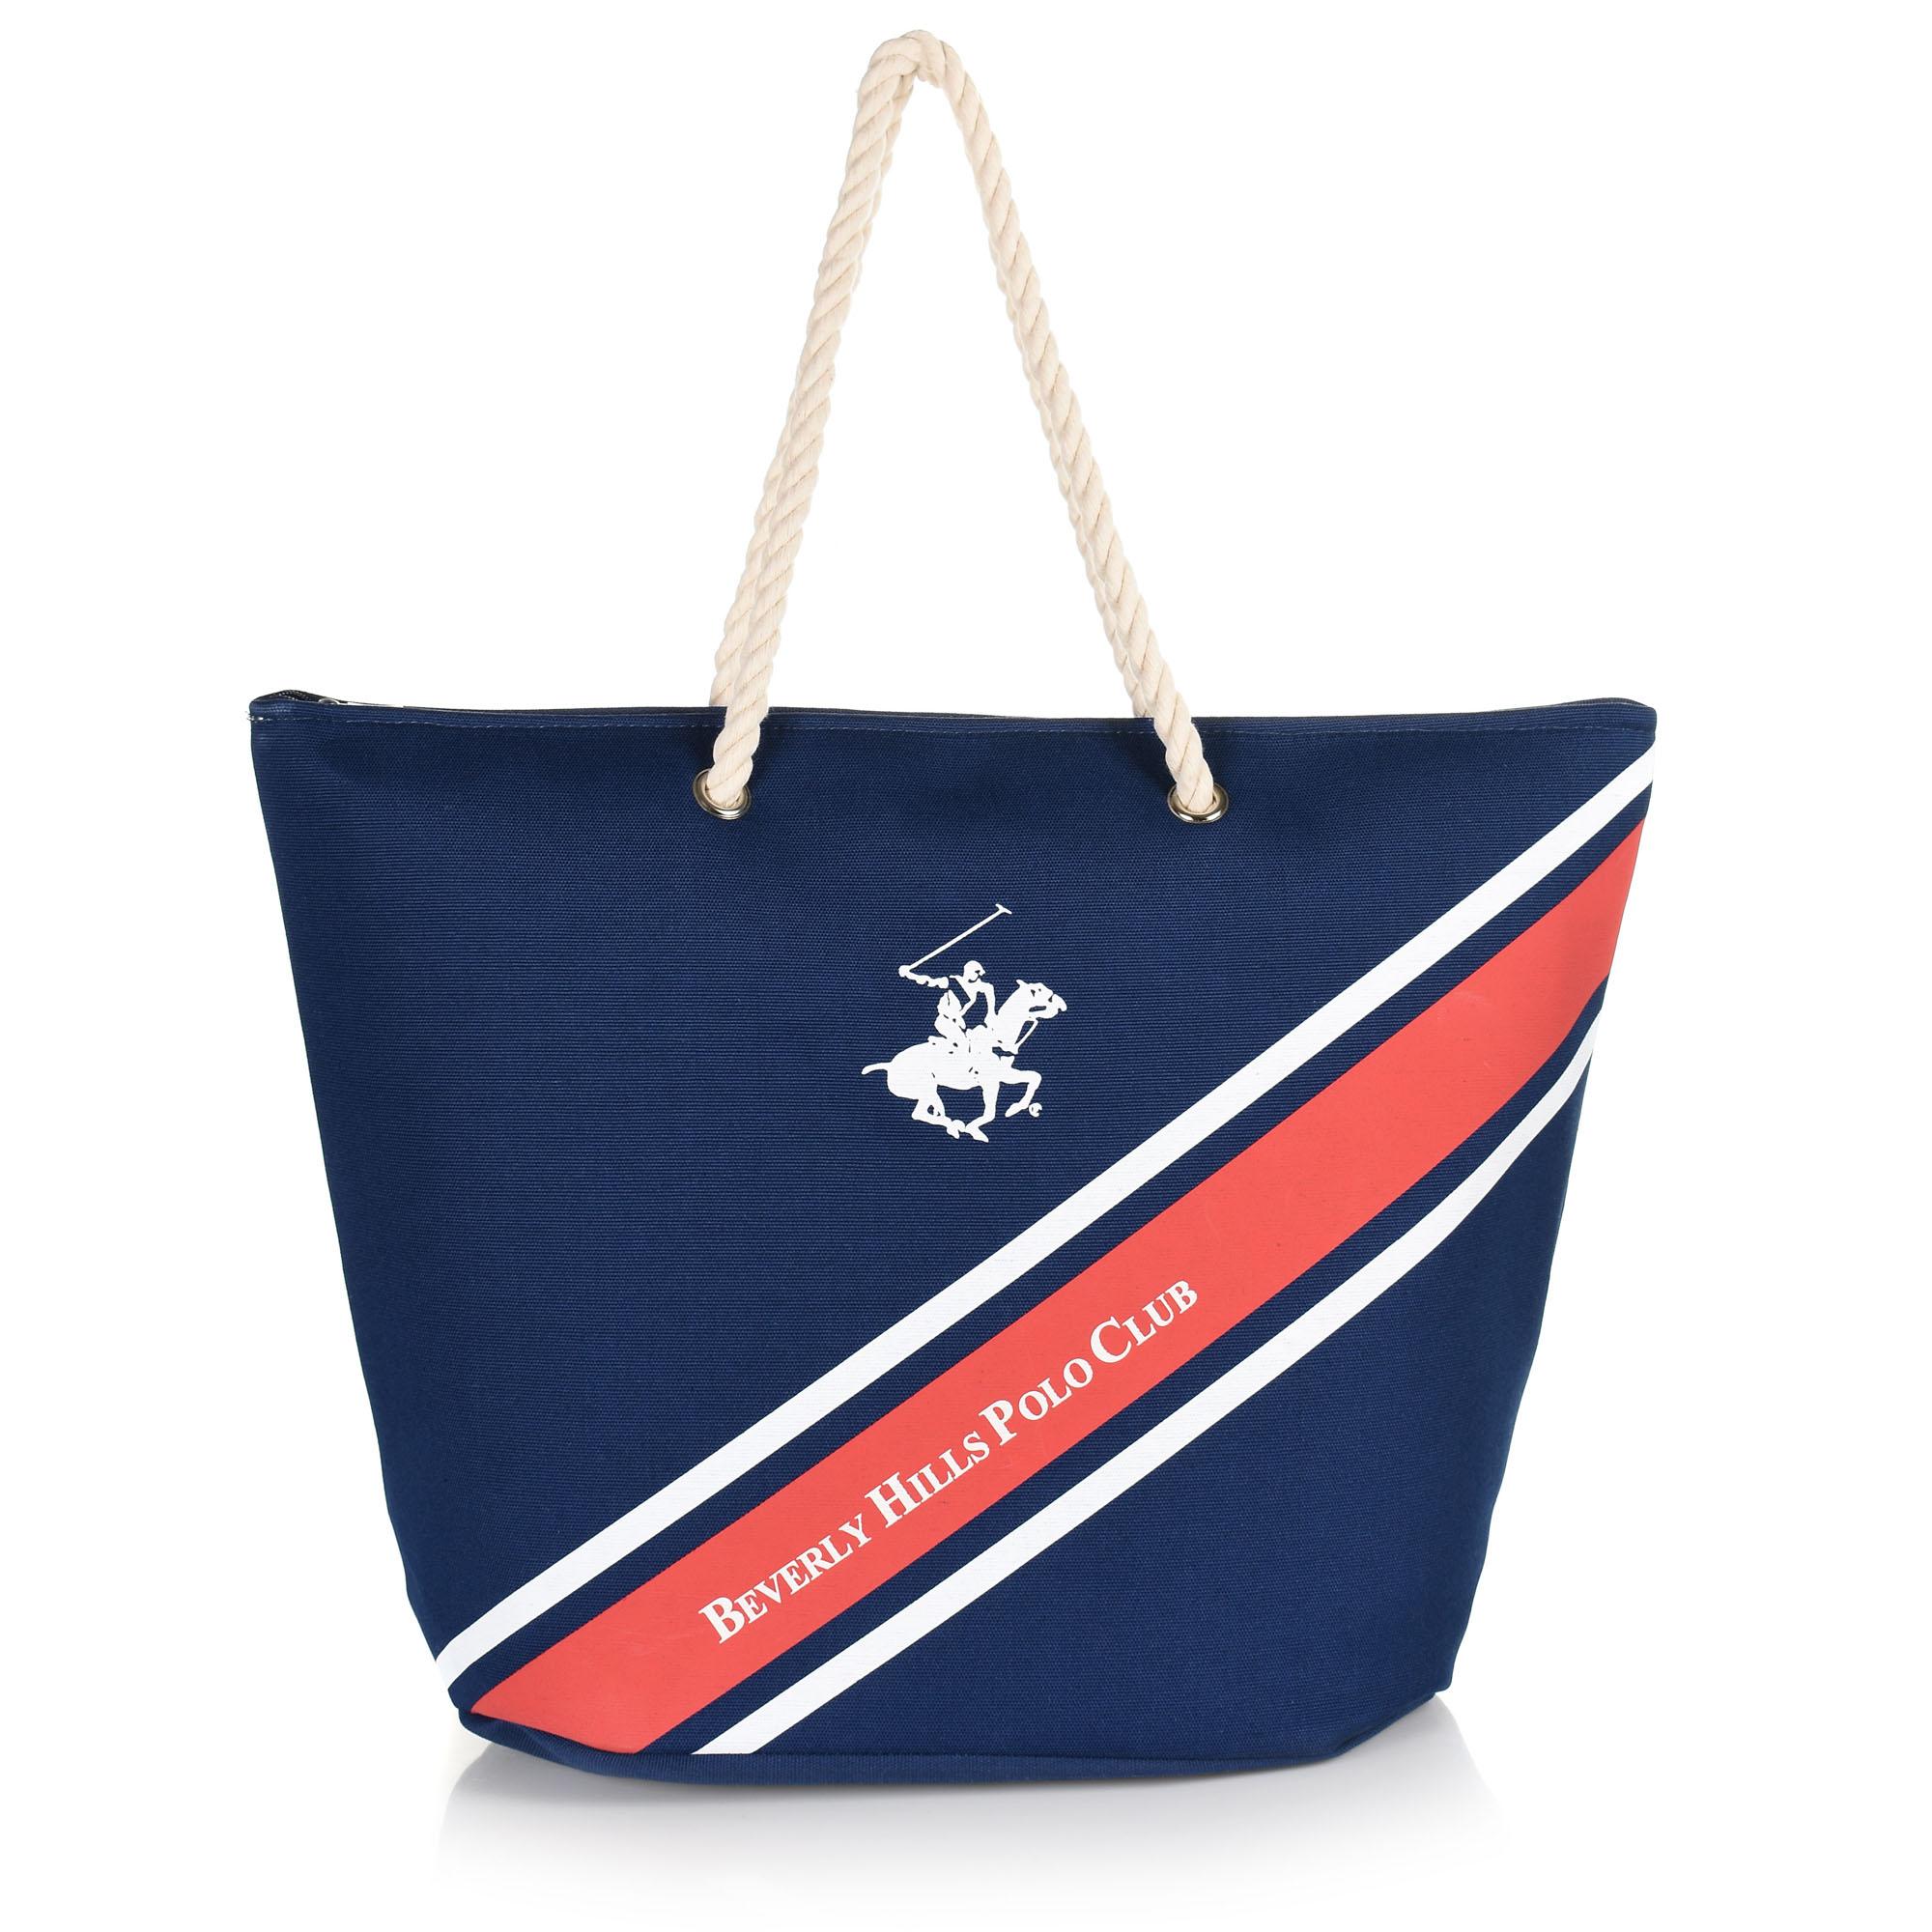 39fc06eb90 Τσάντα Θαλάσσης Beverly Hills Polo Club BH-1681